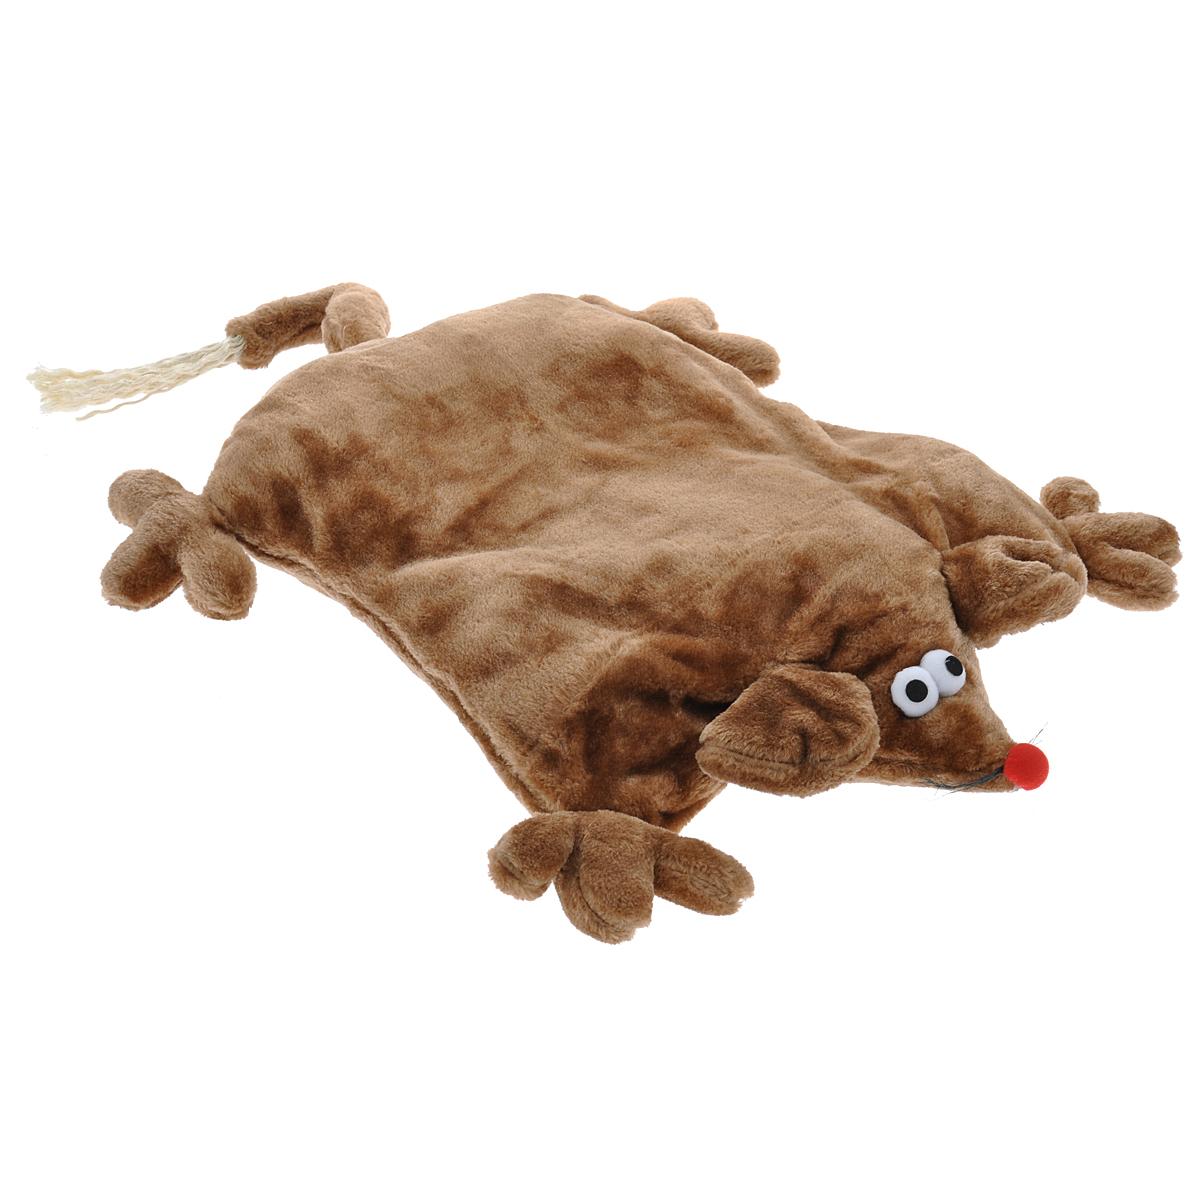 Лежанка для кошек I.P.T.S. Мышь, цвет: коричневый, 45 см х 59 см х 9 см0120710Лежанка I.P.T.S. Мышь станет излюбленным местом отдыха для вашего питомца, ведь уютное плюшевое спальное место по достоинству оценит даже самый привередливый кот. Лежанка имеет форму мыши и немного напоминает мягкую плоскую подушку. Ваш питомец сможет поиграть с длинным хвостиком или забавными усиками. Изделие будет одинаково хорошо смотреться как в гостиной, так и в другой комнате, поскольку вписывается в любой интерьер. Можно стирать в стиральной машине при 30°C. Размер лежанки: 45 см х 59 см х 9 см. Товар сертифицирован.